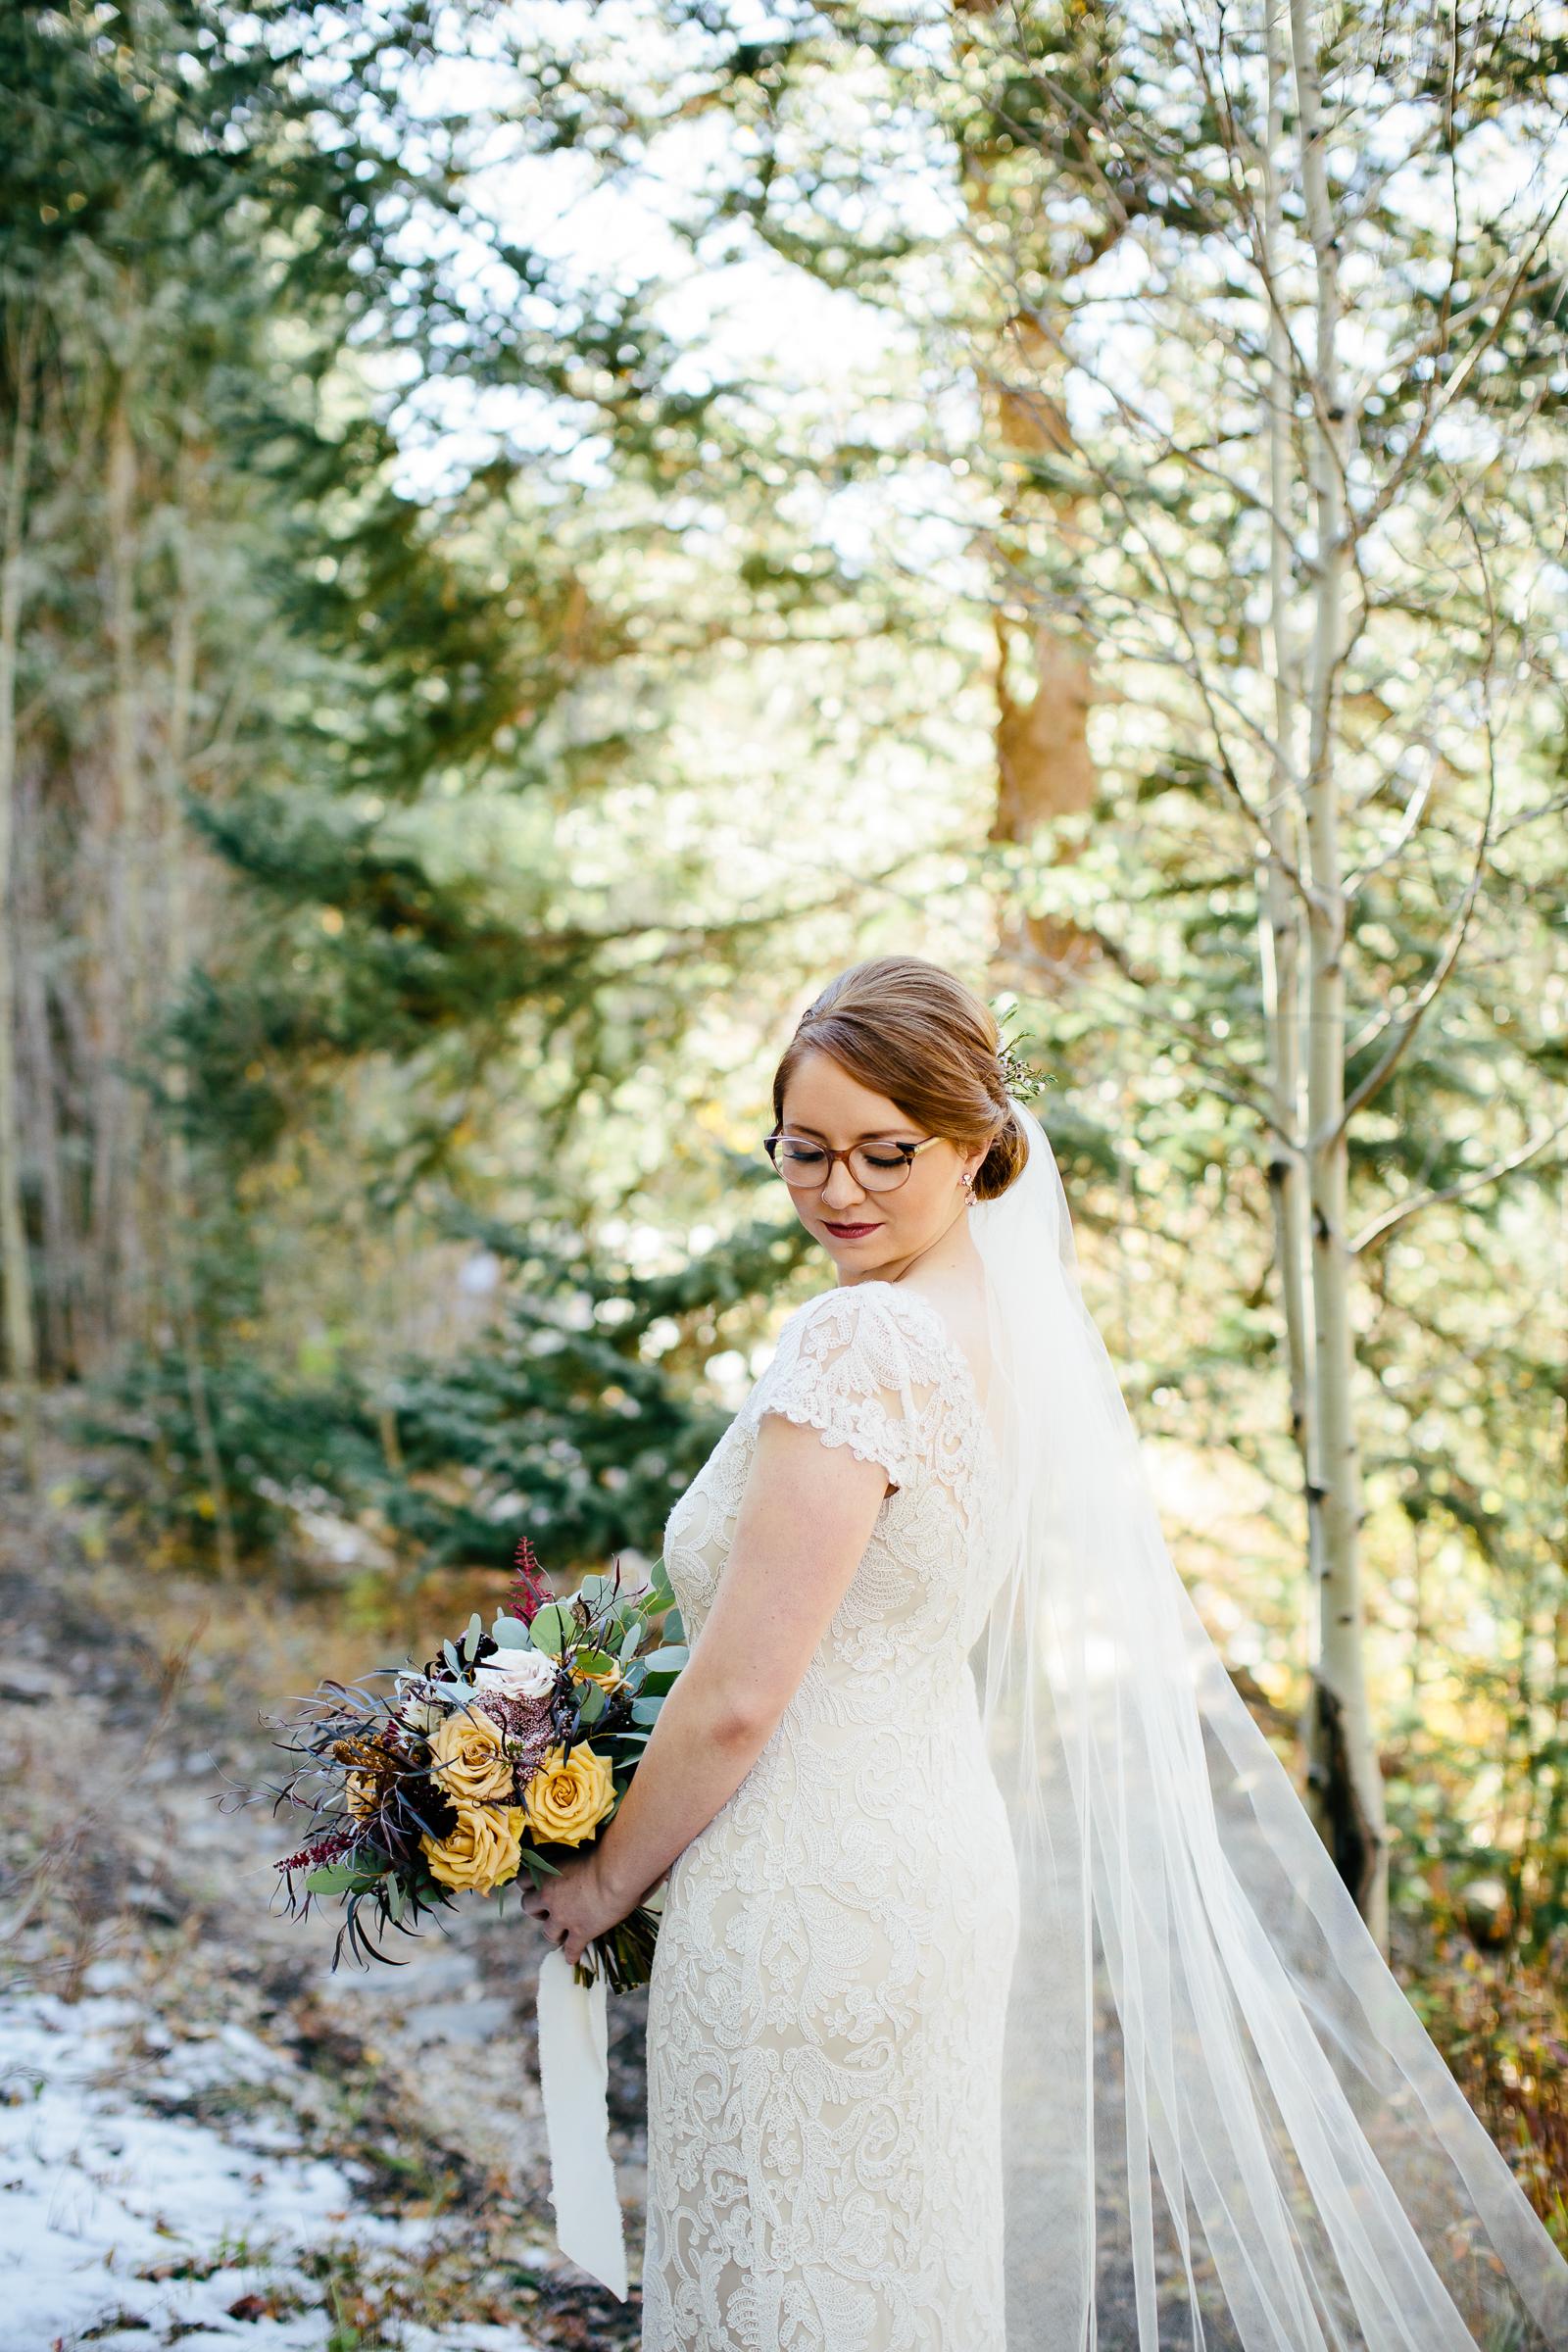 S+S, Married{MWP}-317.jpg